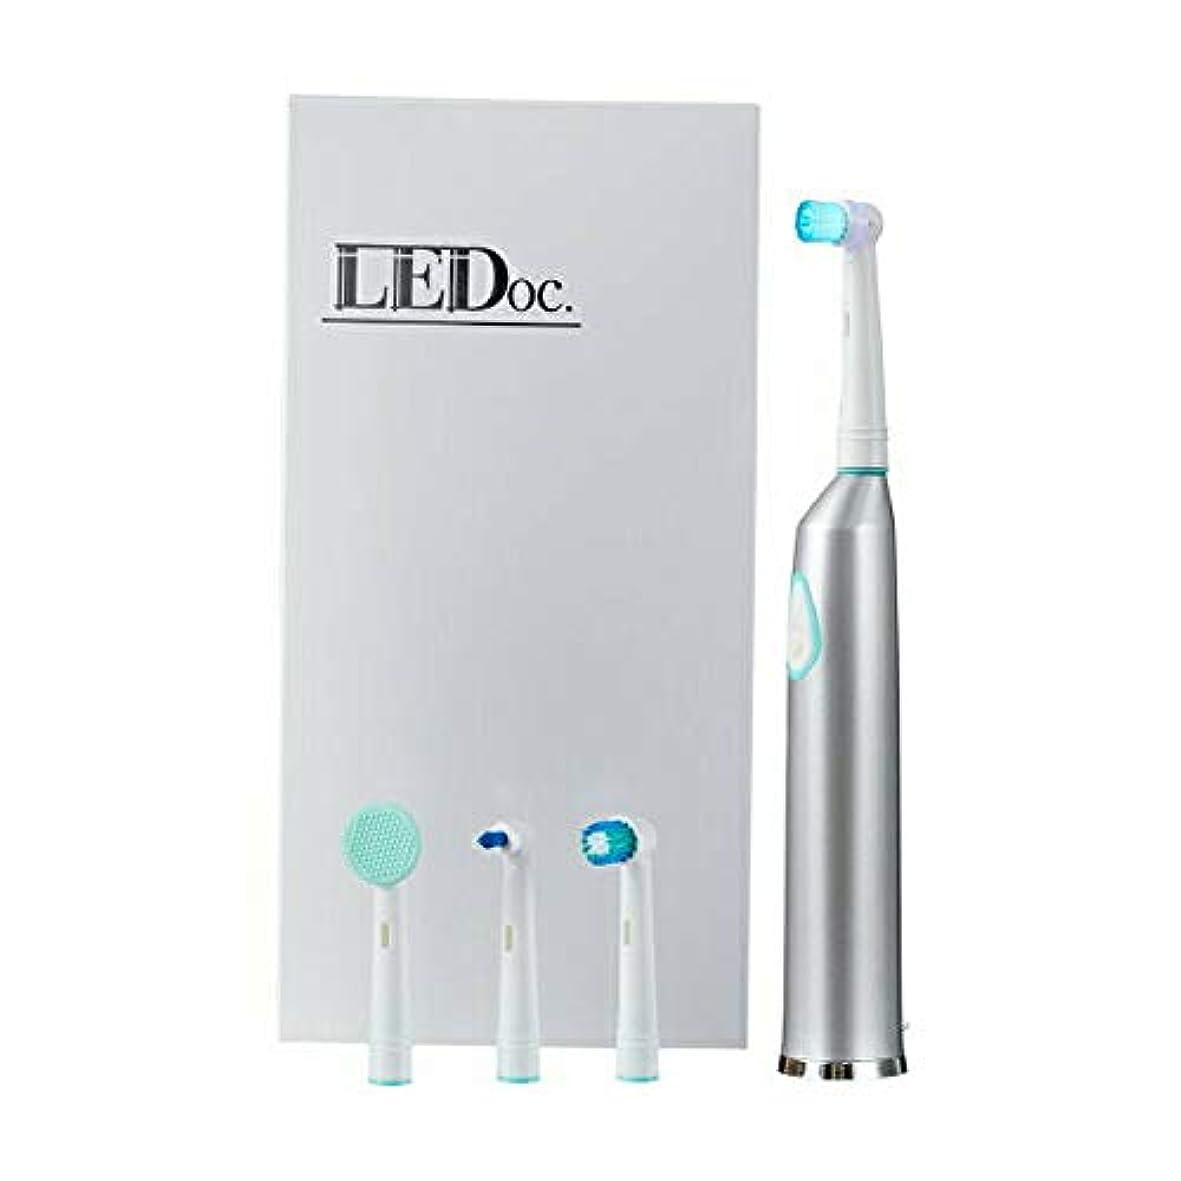 思われるアスペクト永遠のLEDoc 電動歯ブラシ 青色LED 回転式 1万回転 歯垢除去 ホワイトニング